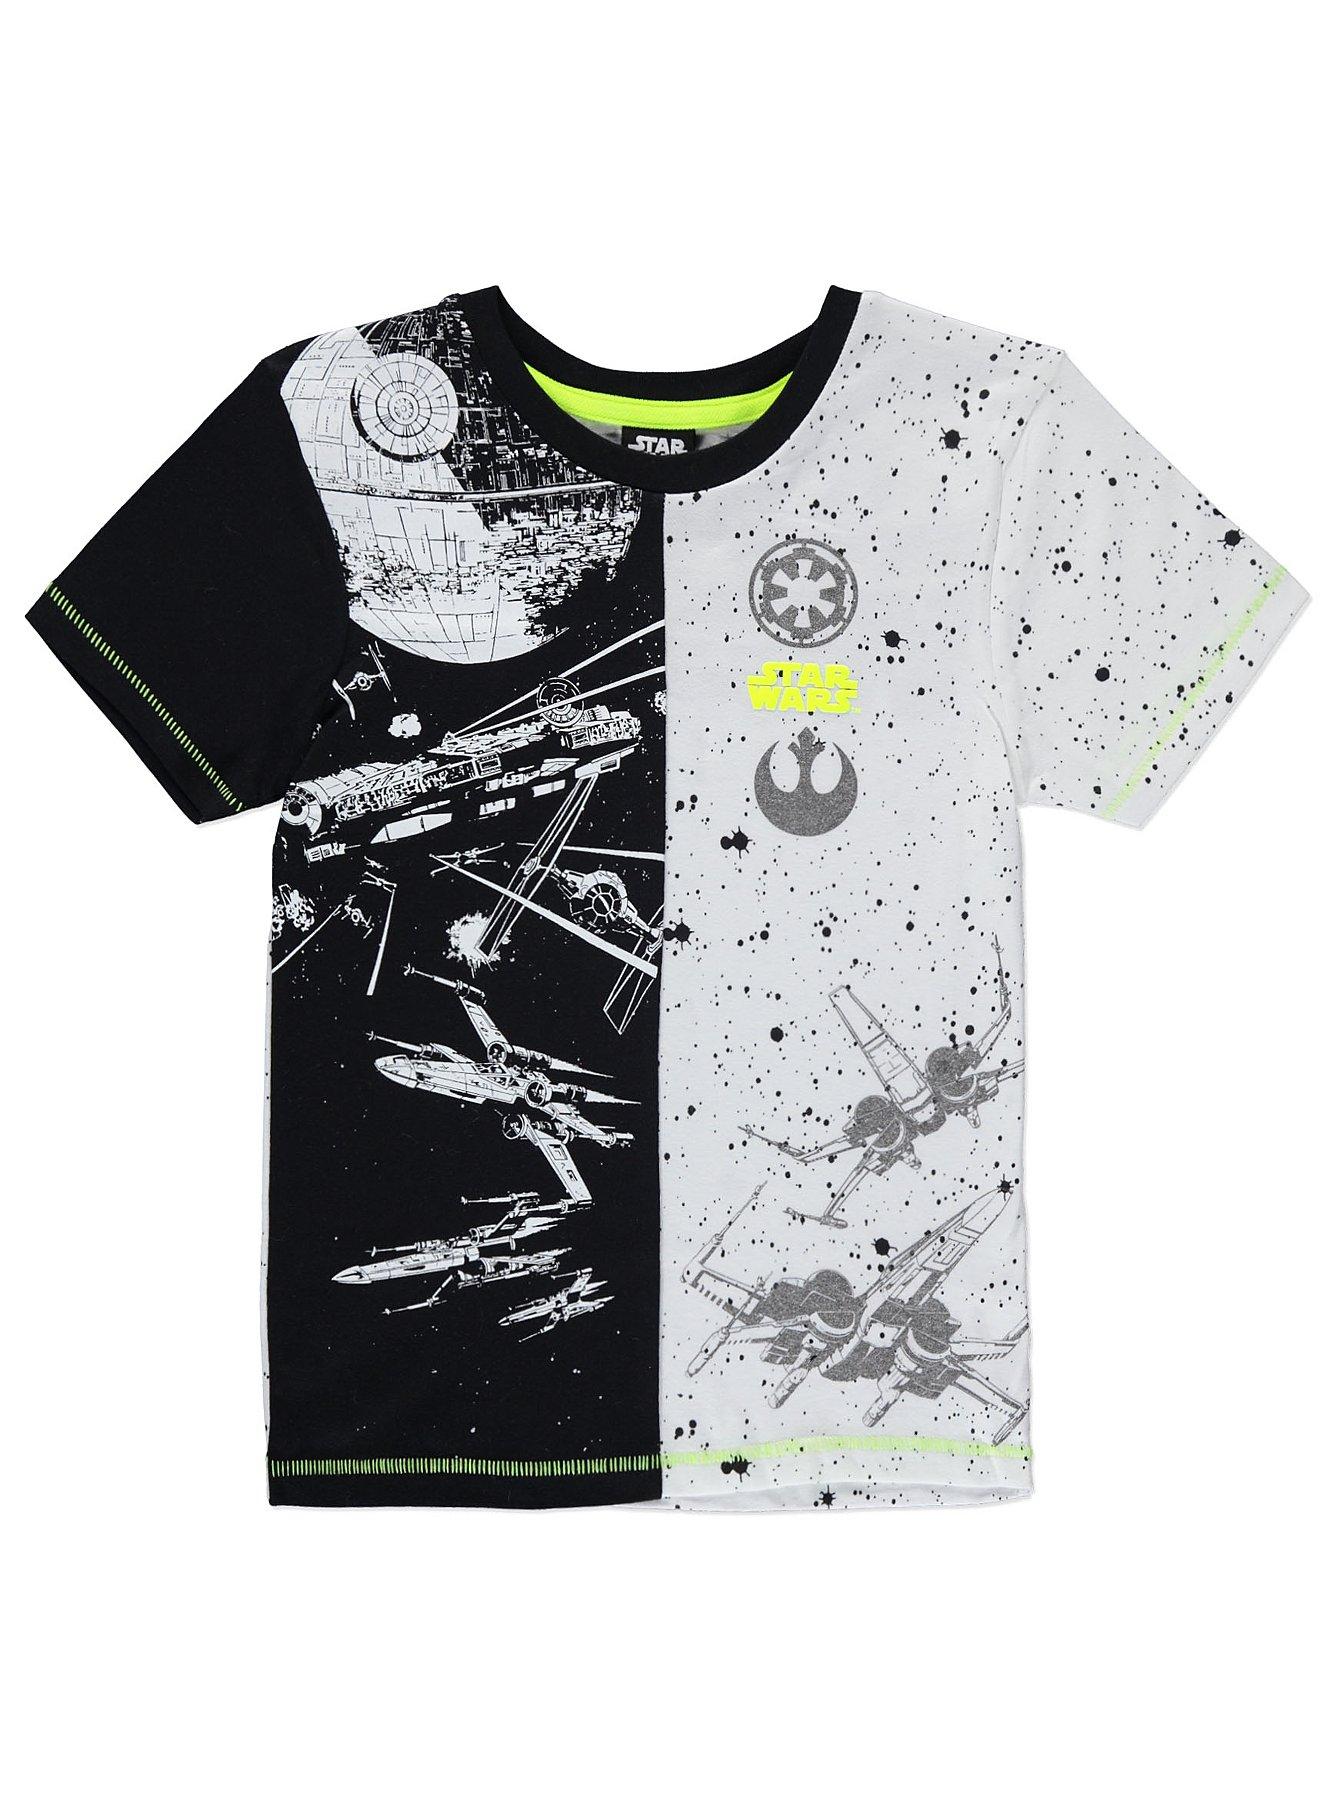 Black t shirt asda - Black T Shirt Asda 49